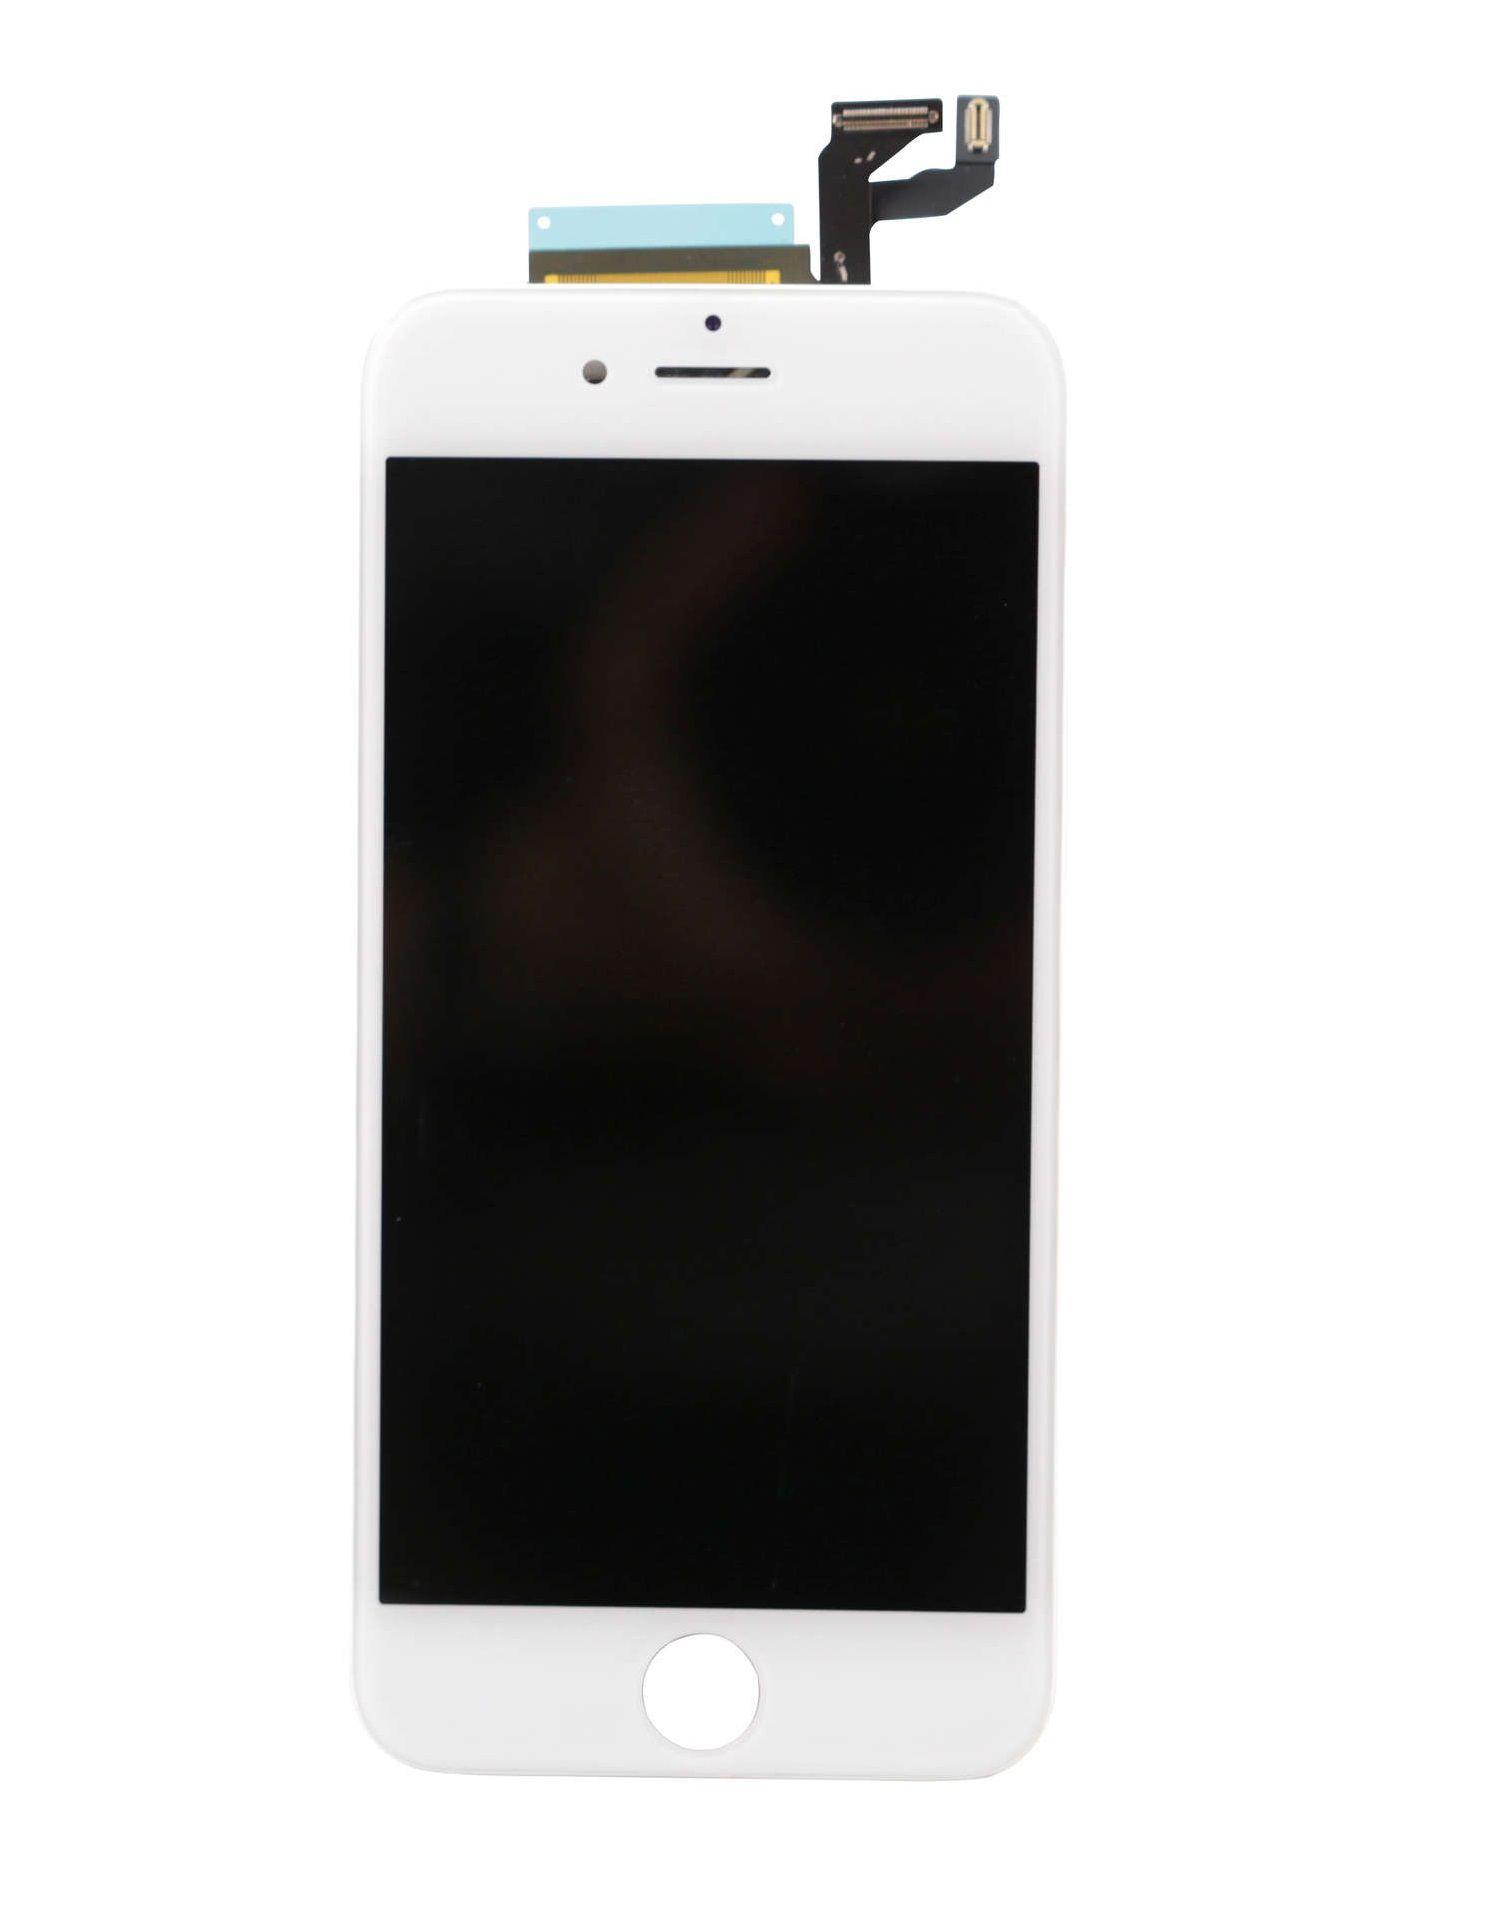 iPhone screen repair starts at 29.00. Multistep checks